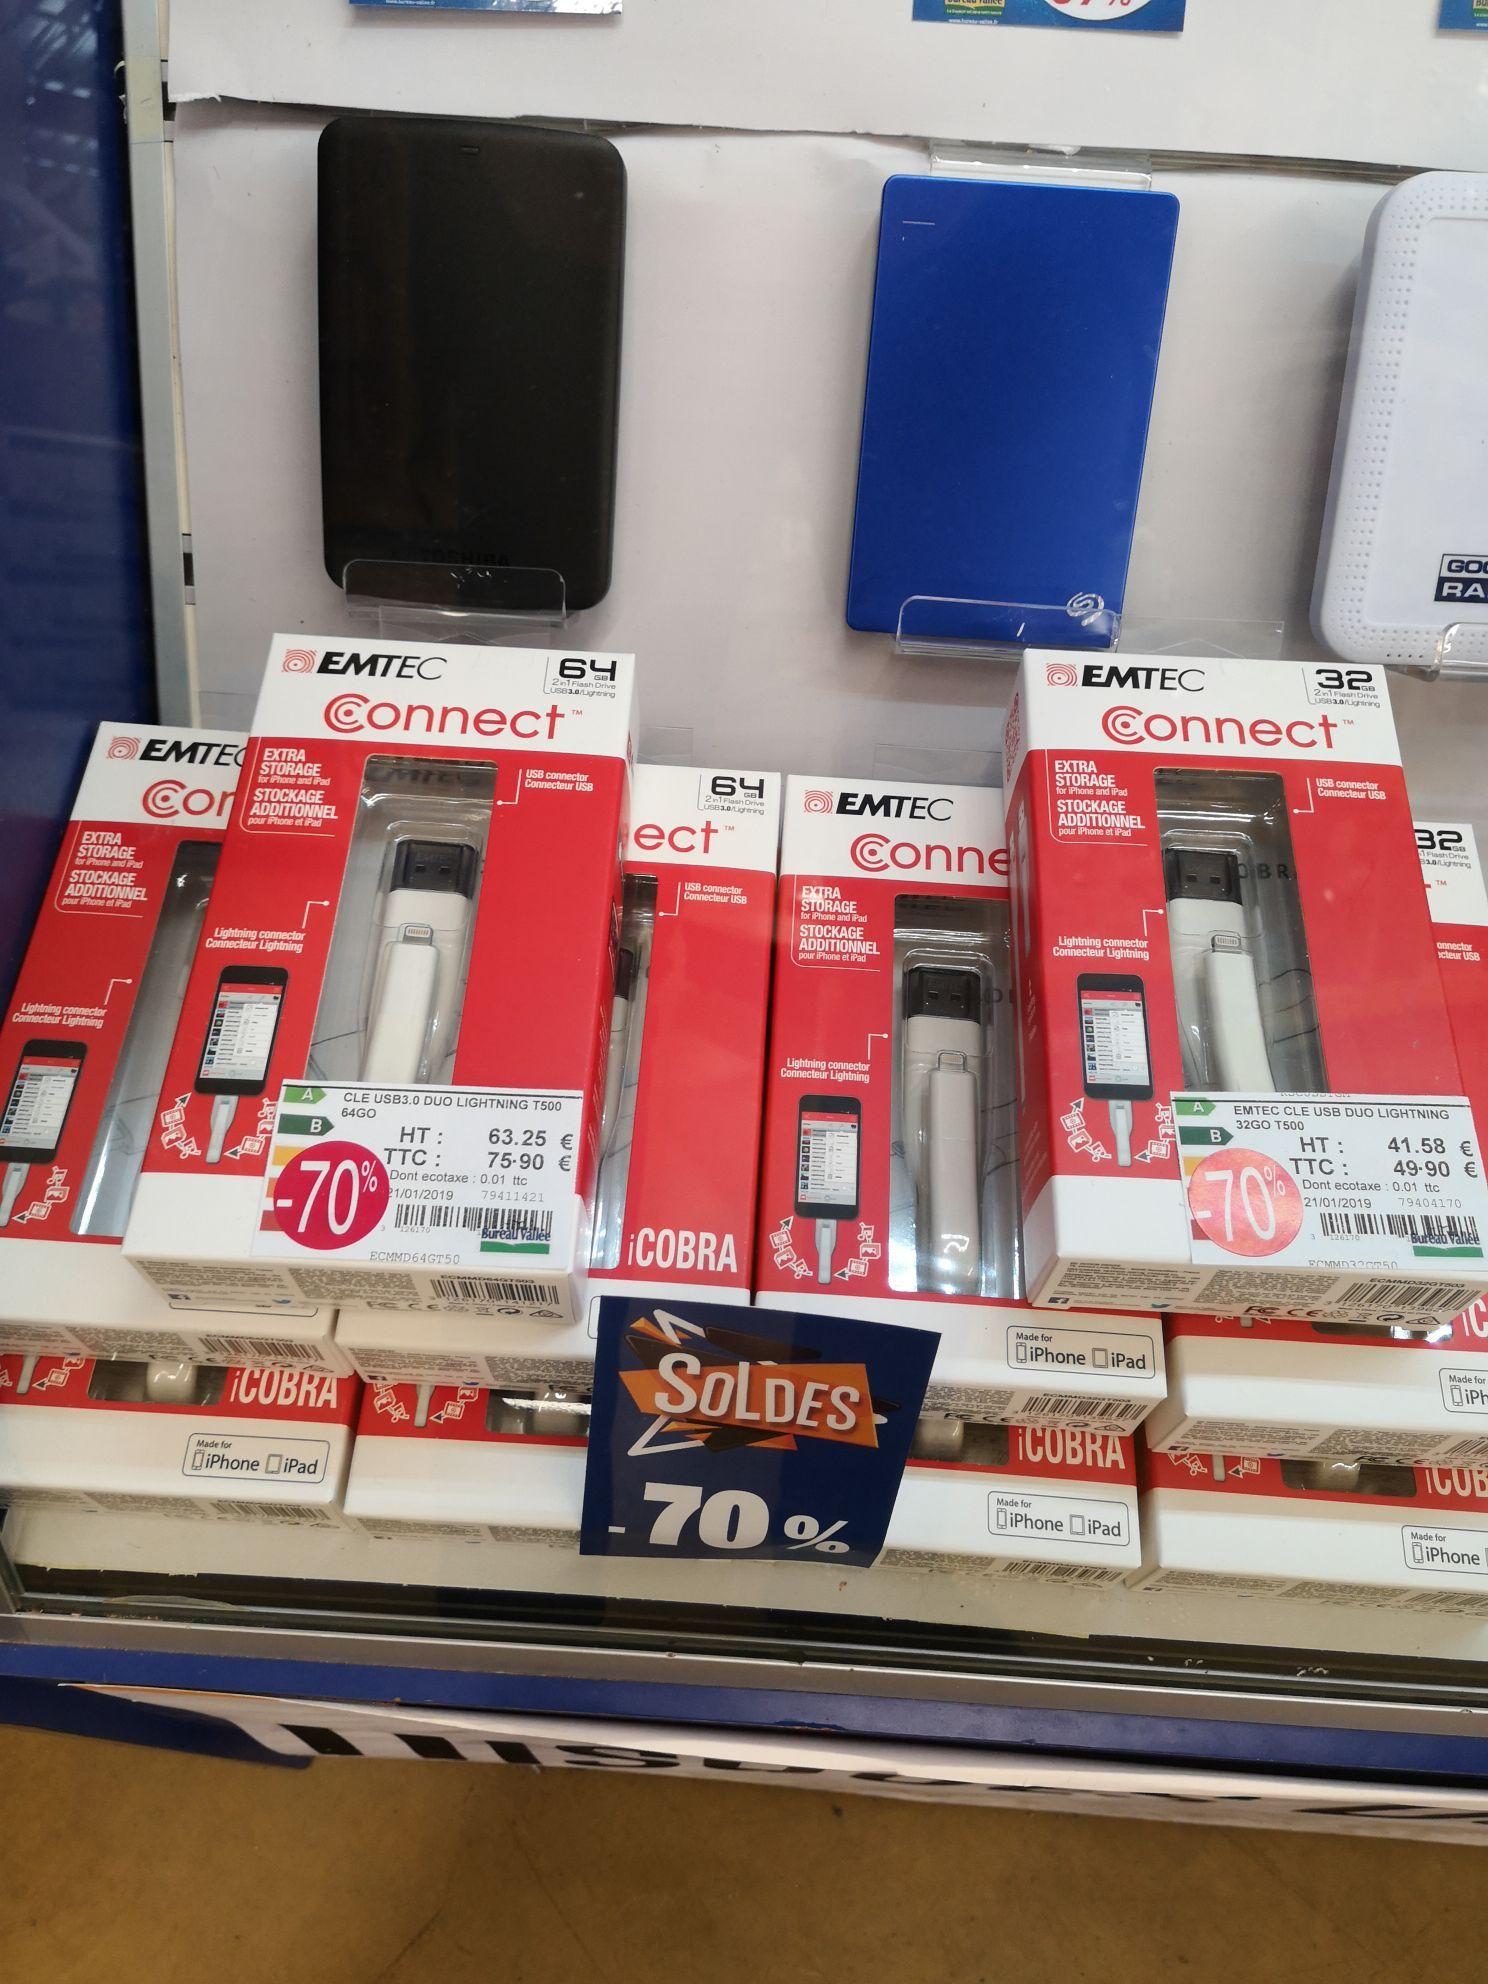 Clé USB / Lightning Emtec Connect Duo T500 (32 à 14.97€ ou 64 Go à 22.77€) - Les Herbiers (85)